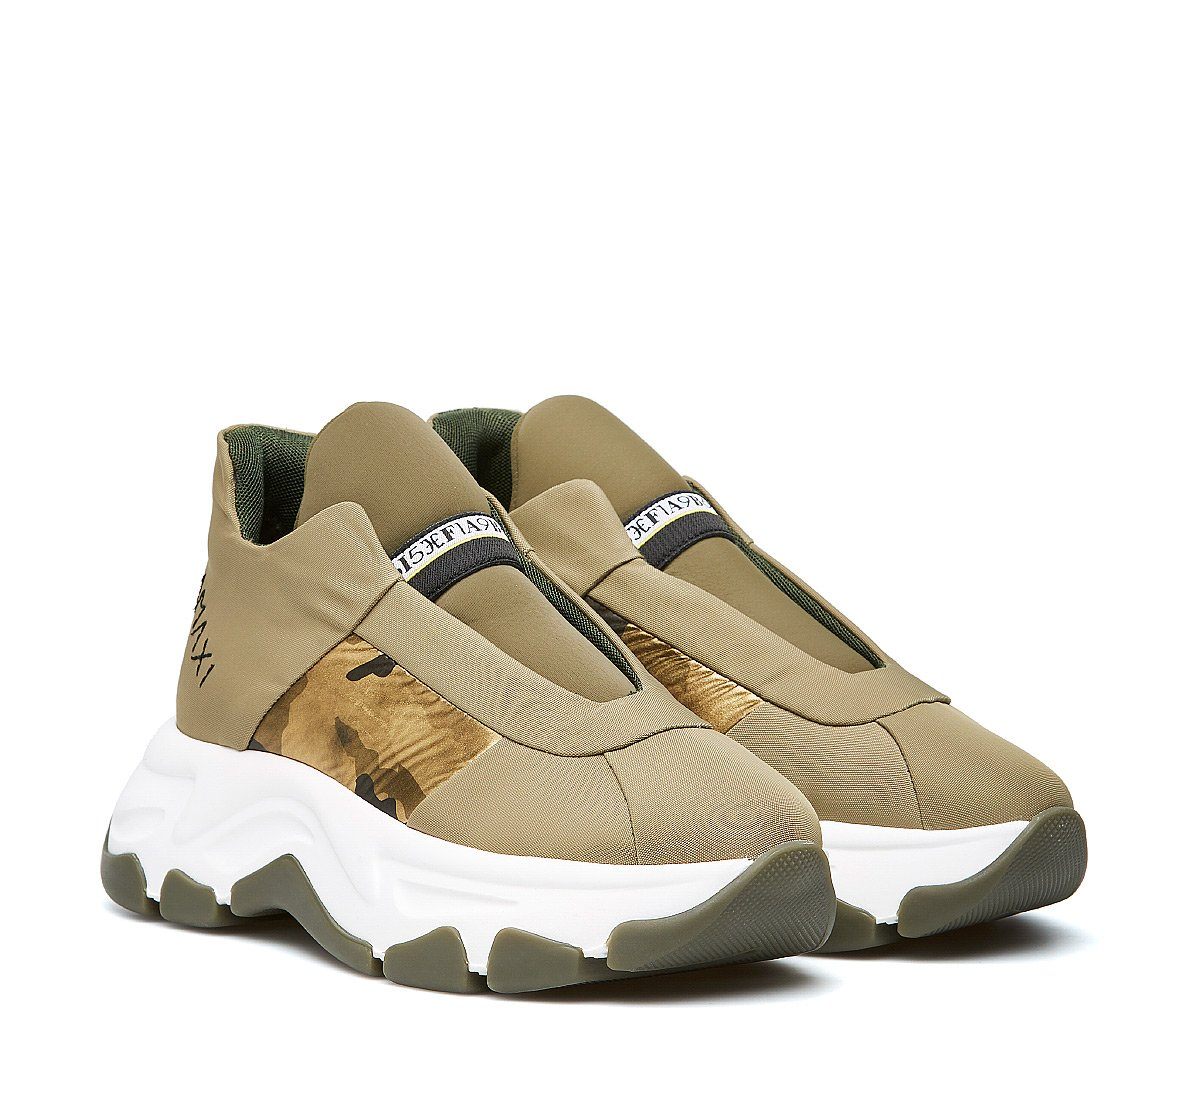 calzature da donna eleganti sneakers made in italy